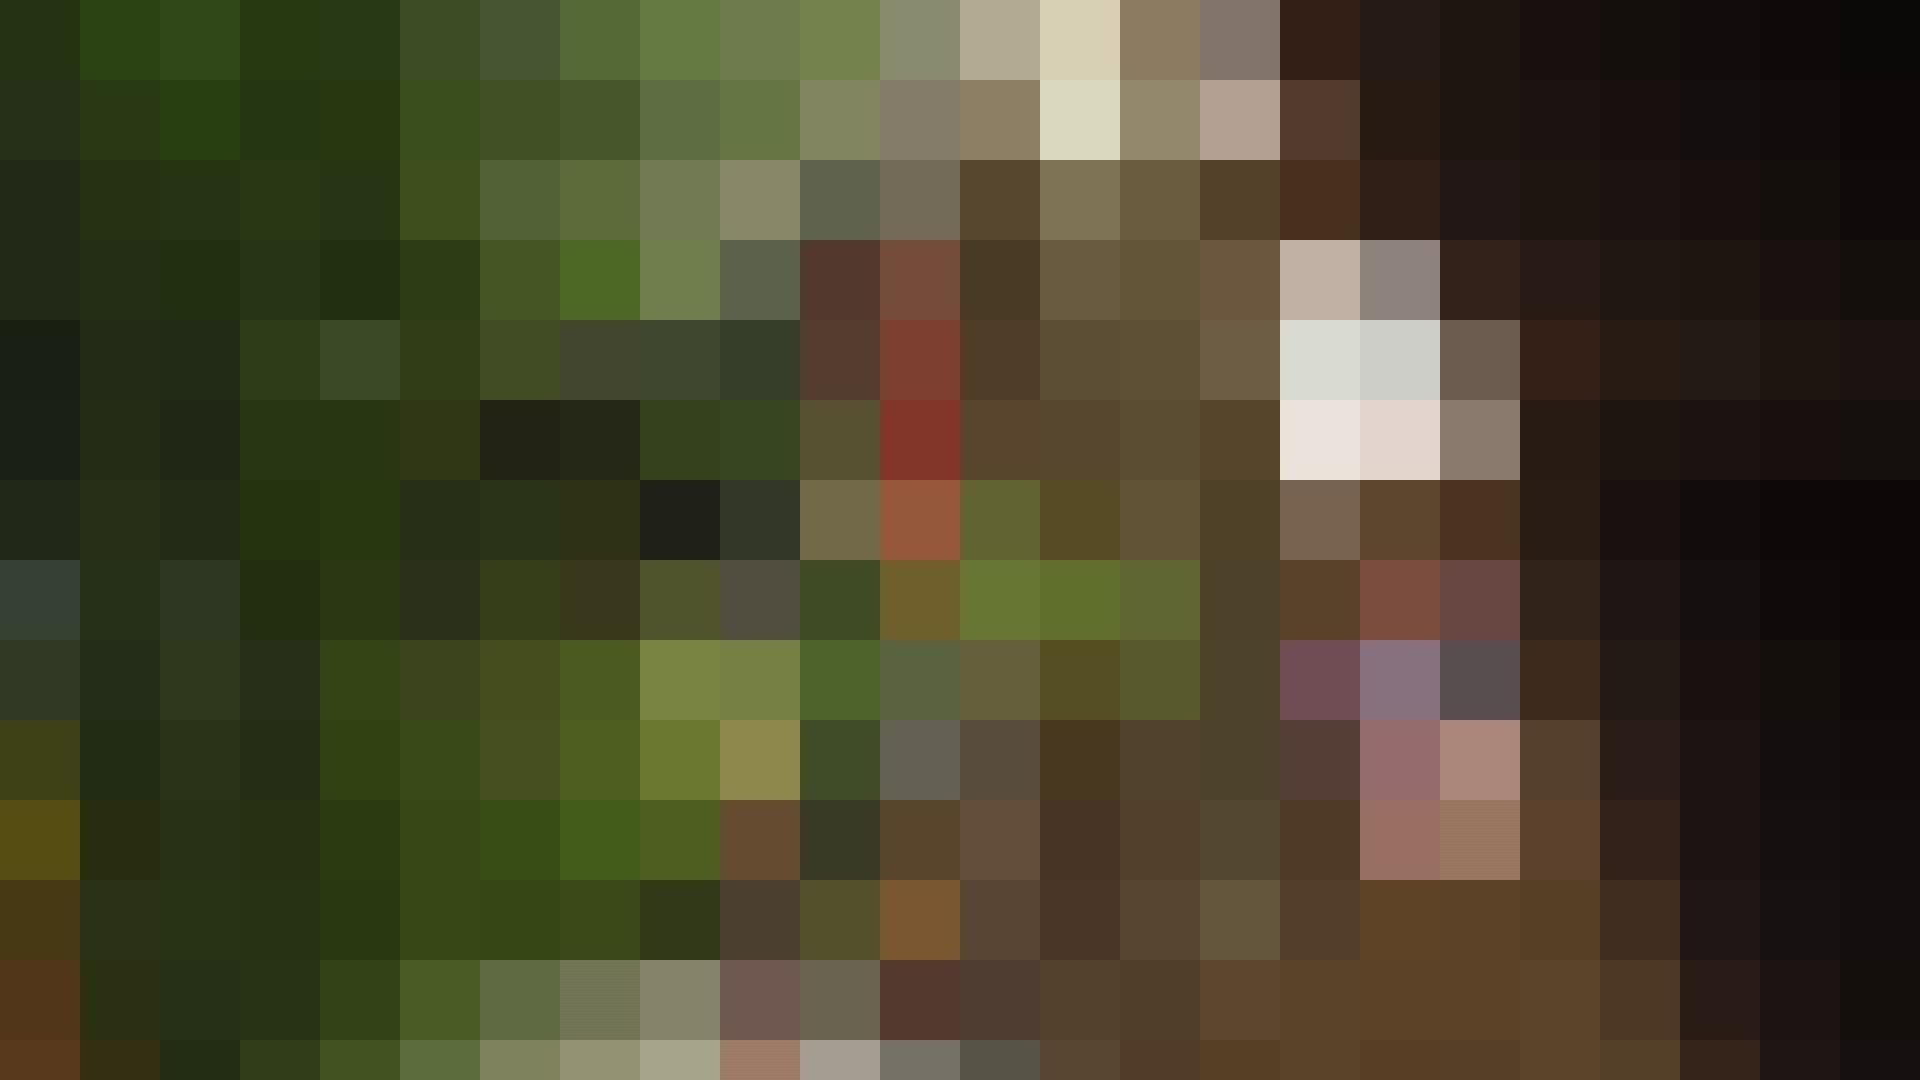 世界の射窓から ステーション編 vol.18 ゴン太 推定600g超過 高画質 われめAV動画紹介 94枚 23